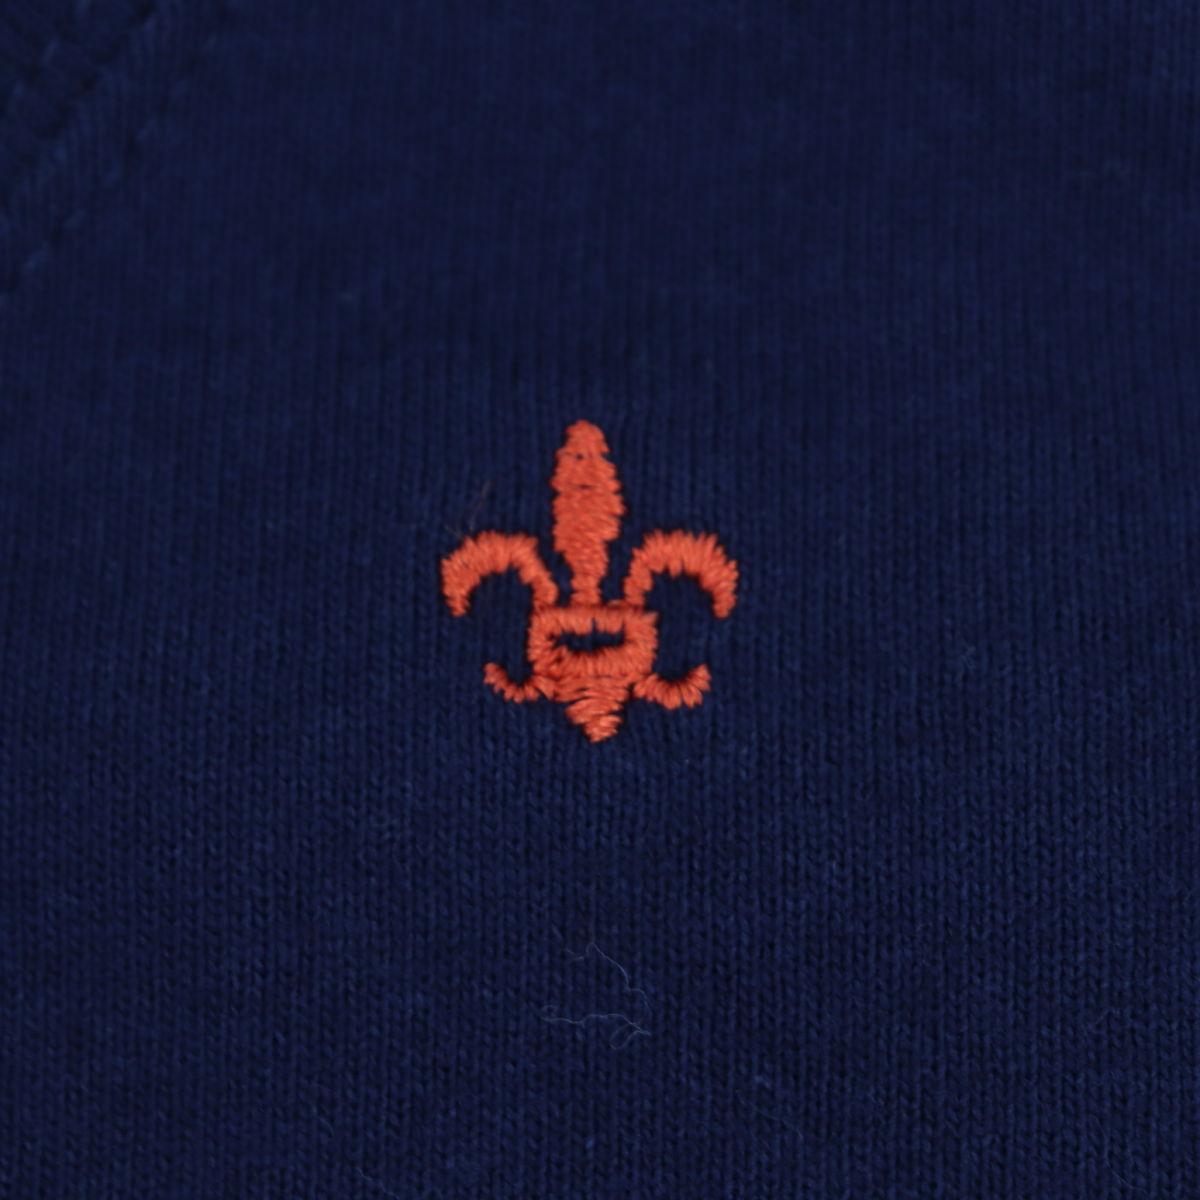 USAコットン クルーネック 長袖 Tシャツ NAVY(ネイビー)